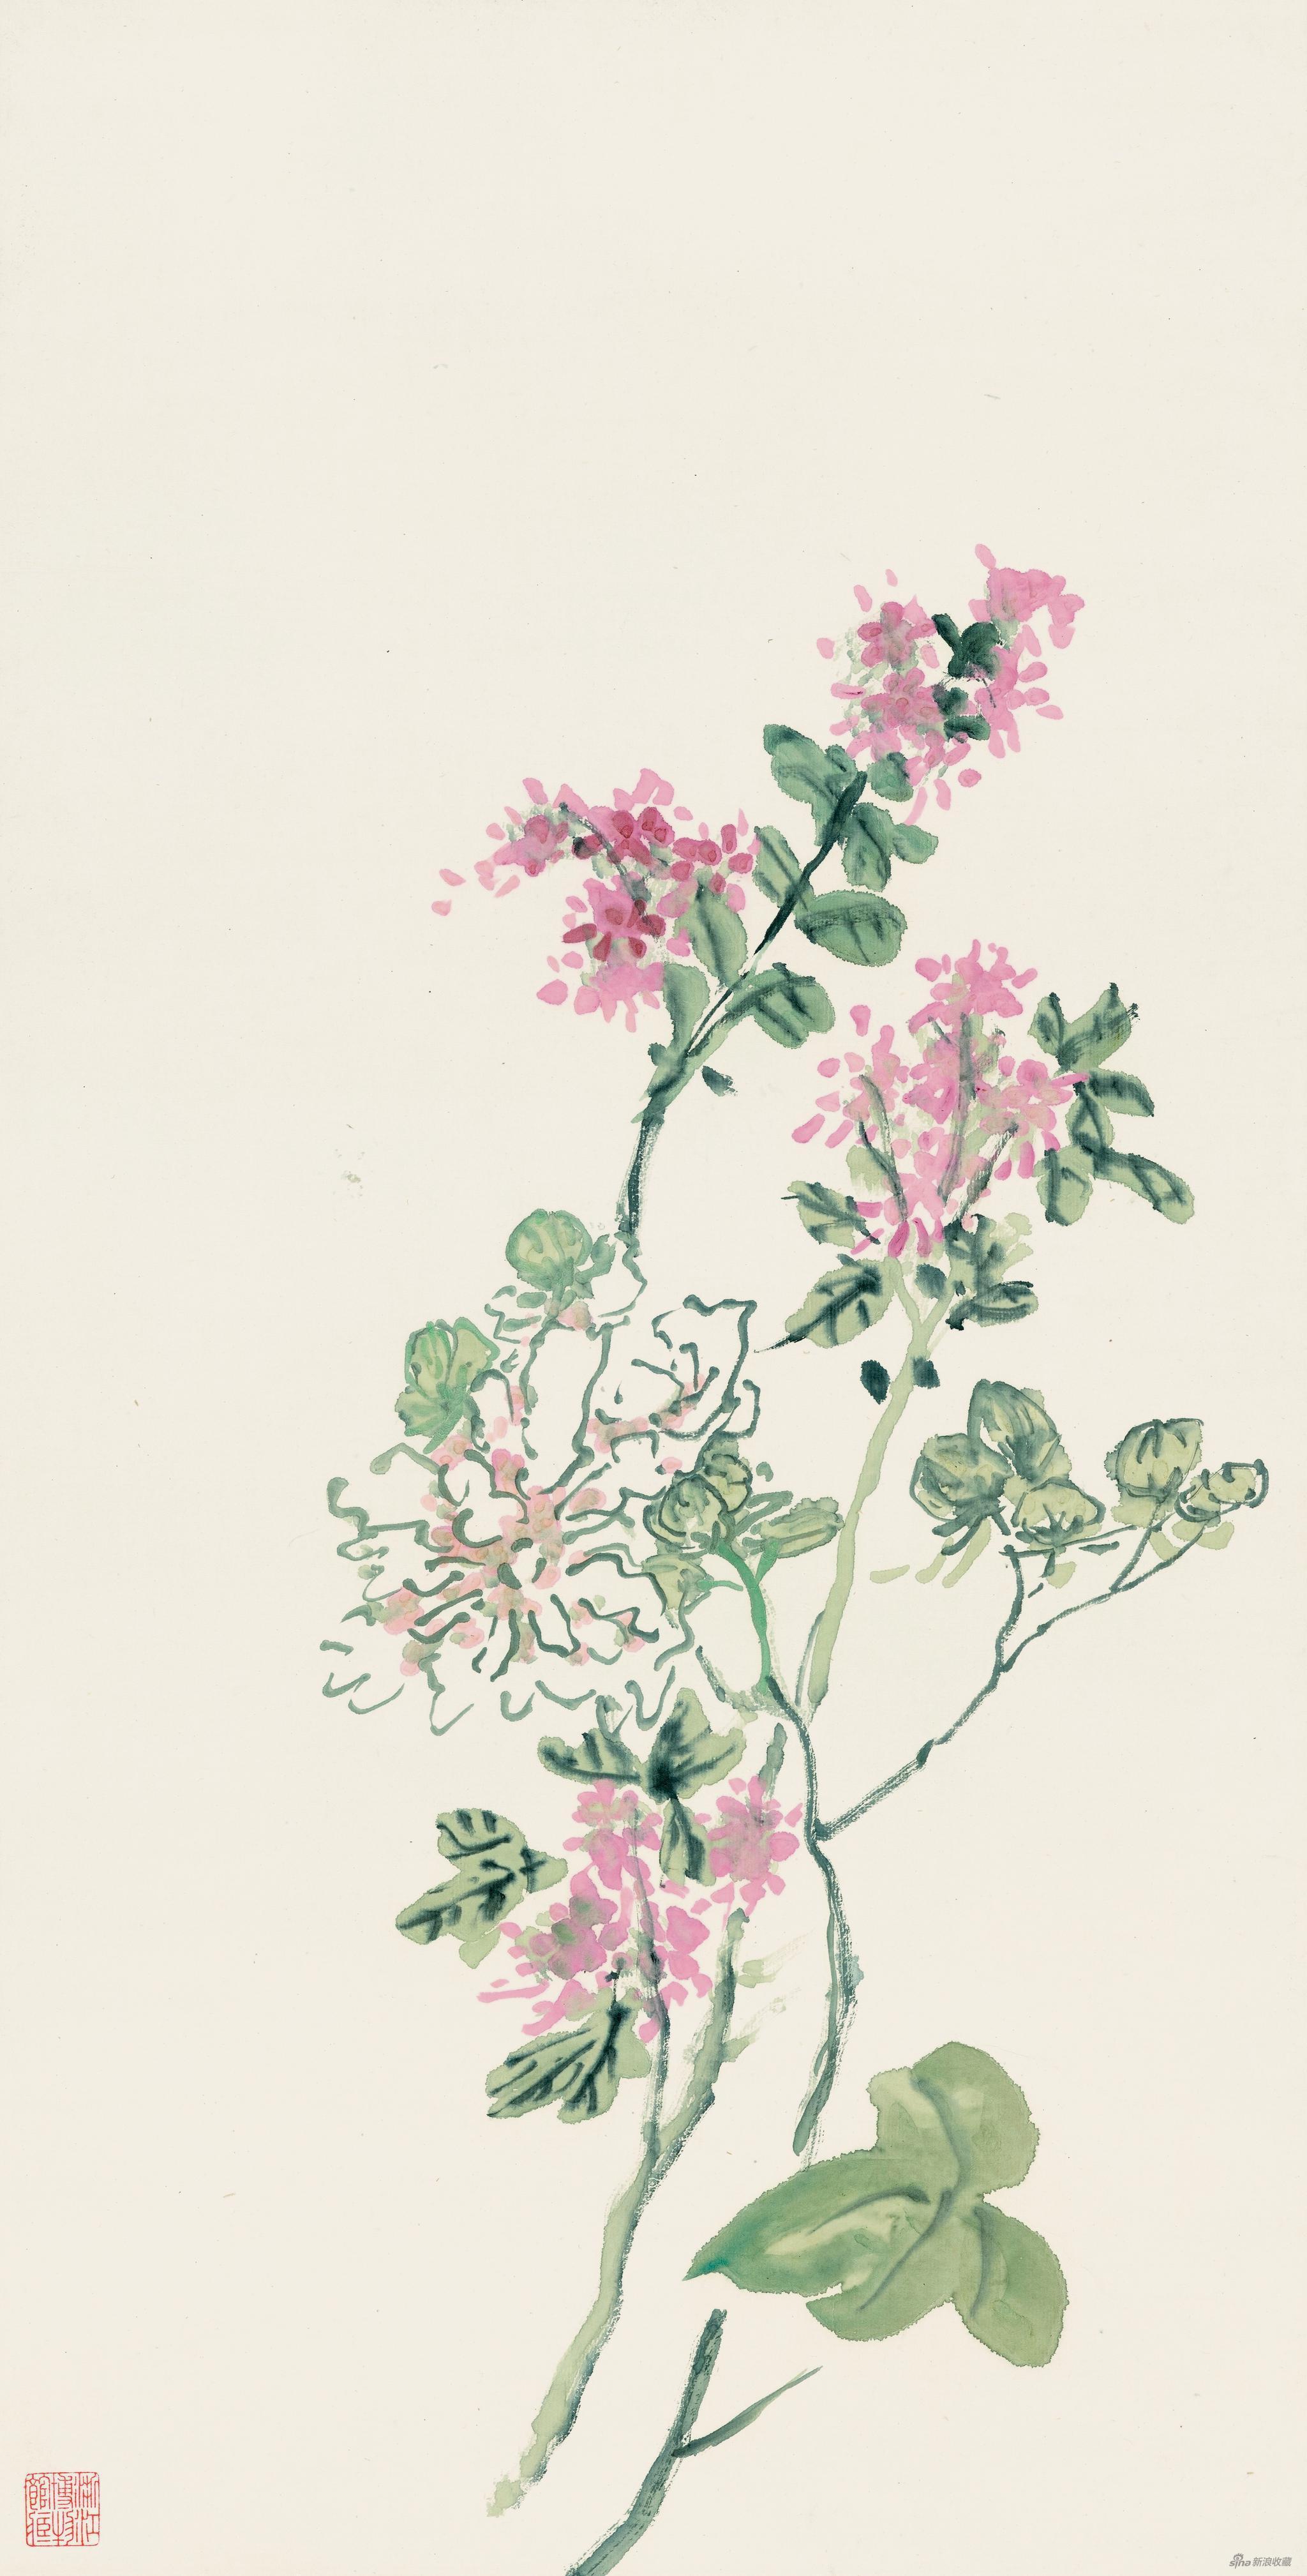 芙蓉紫薇 黄宾虹 65.6cm×33.2cm 无年款 纸本设色 浙江省博物馆藏